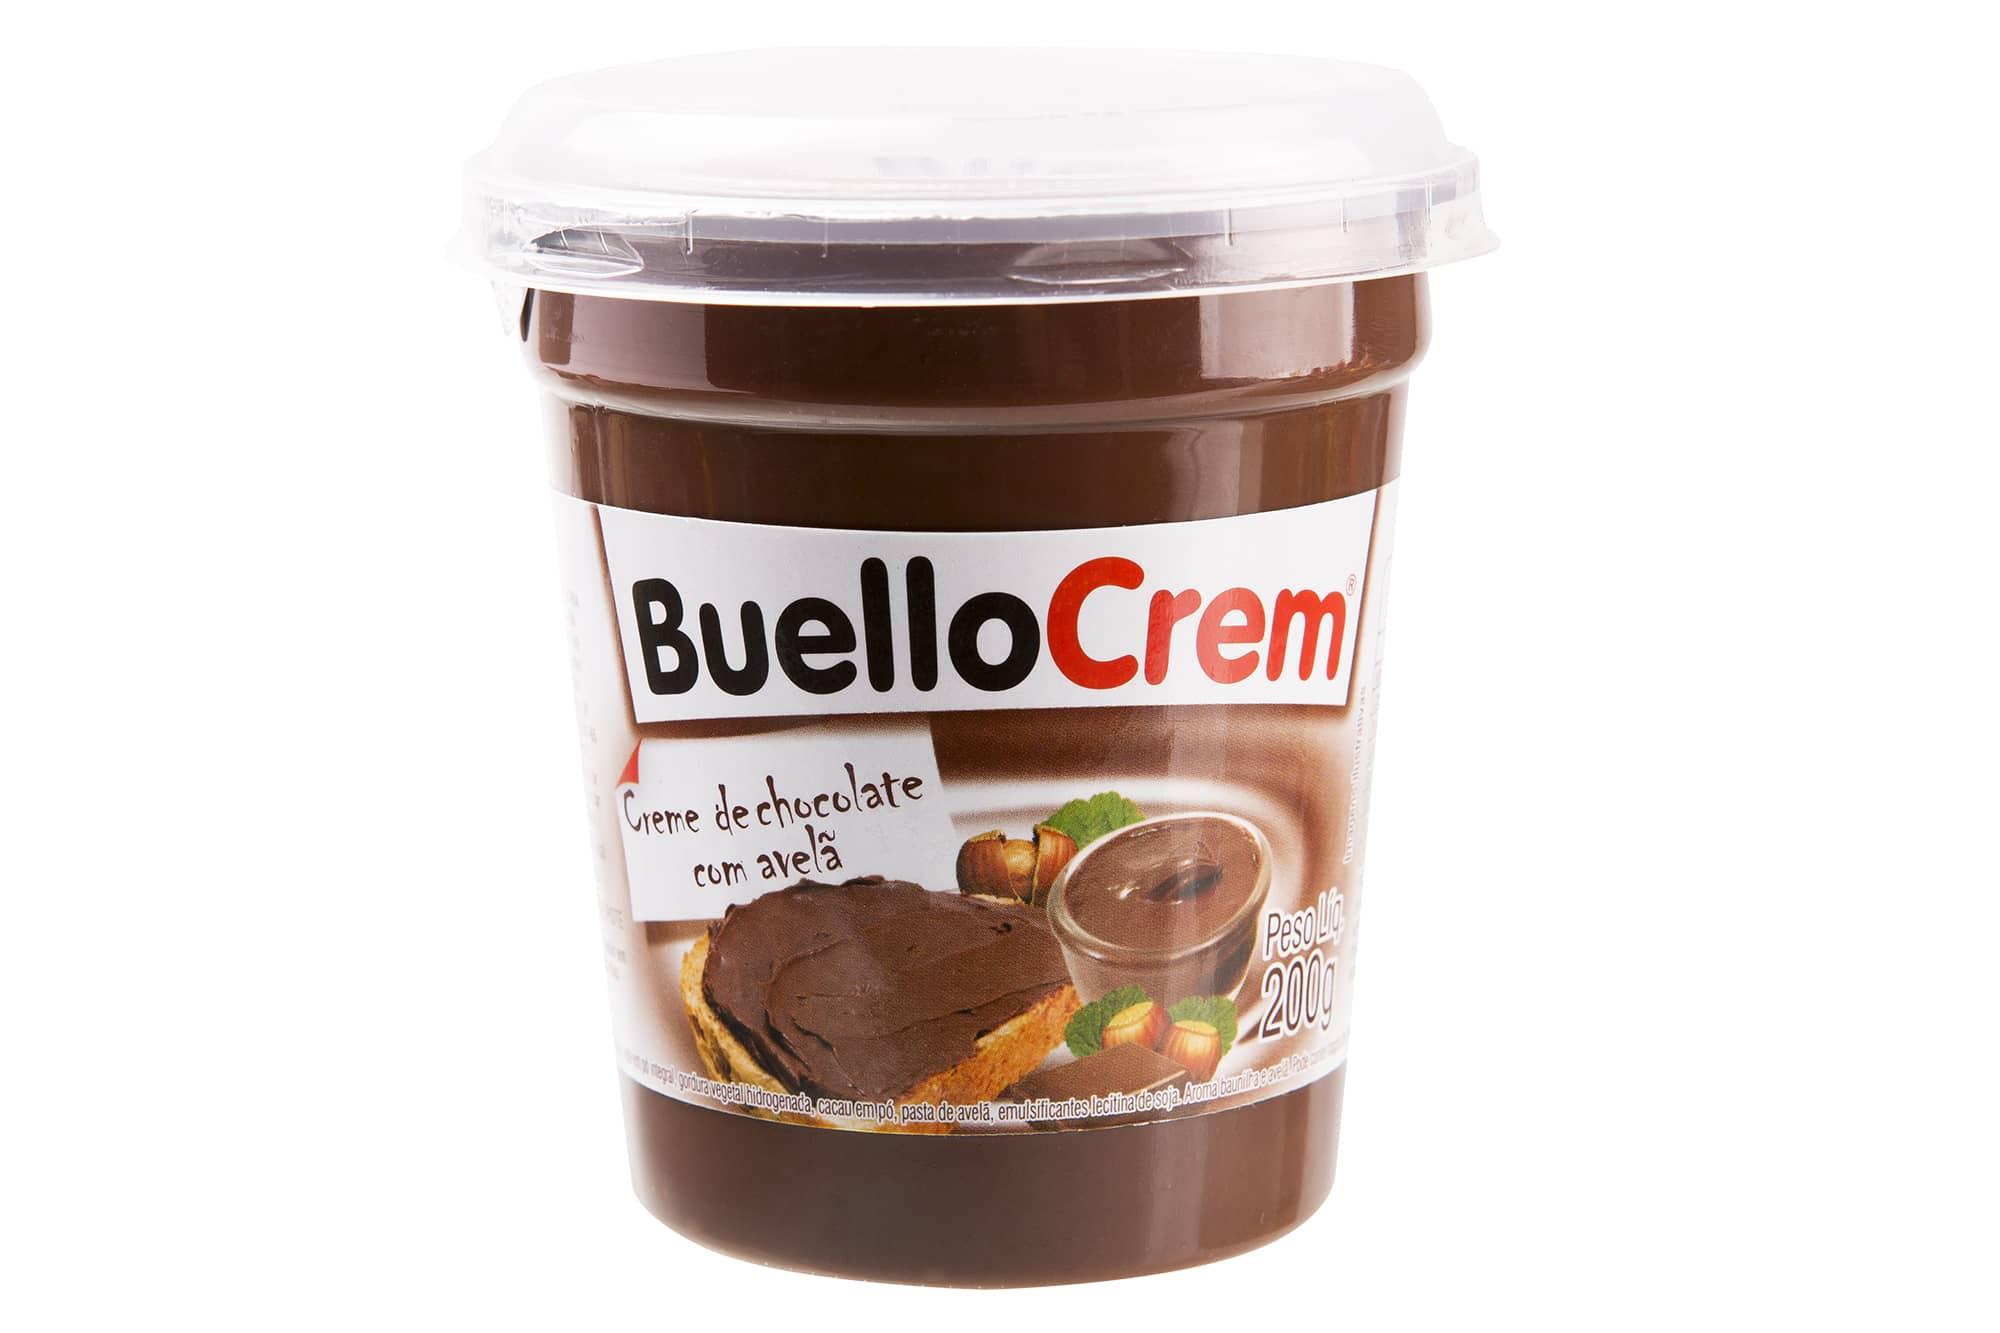 buellocream